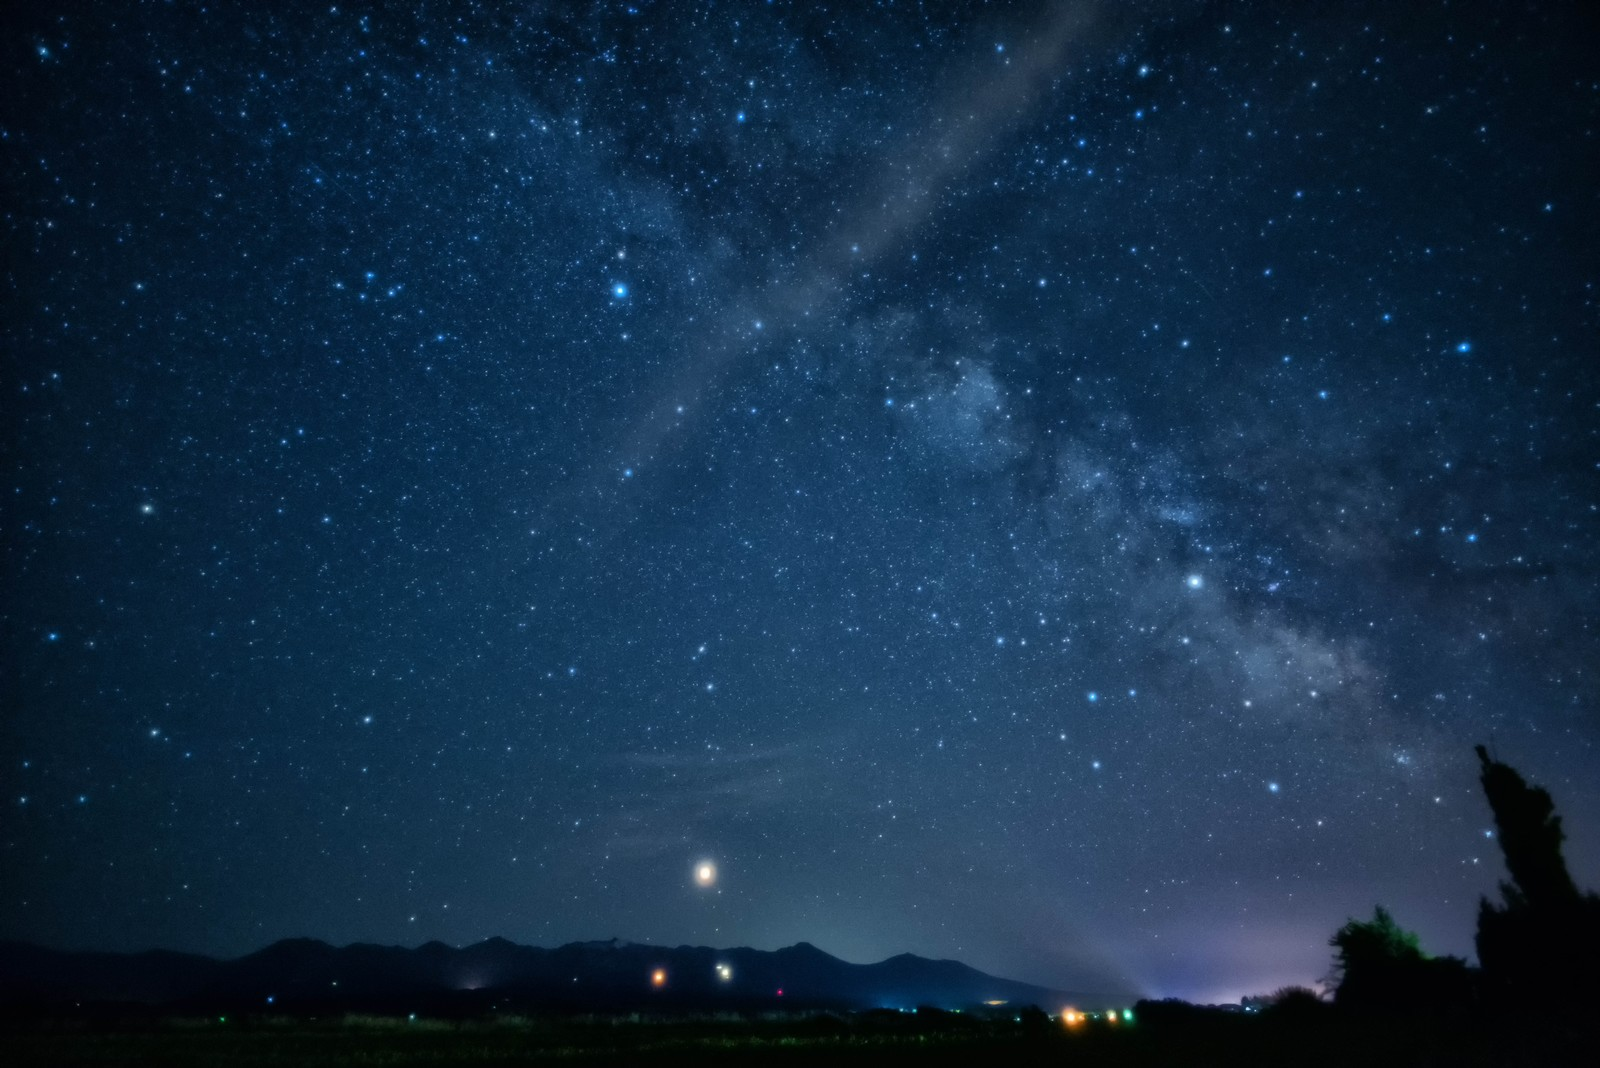 「夜空に広がる天の川夜空に広がる天の川」のフリー写真素材を拡大